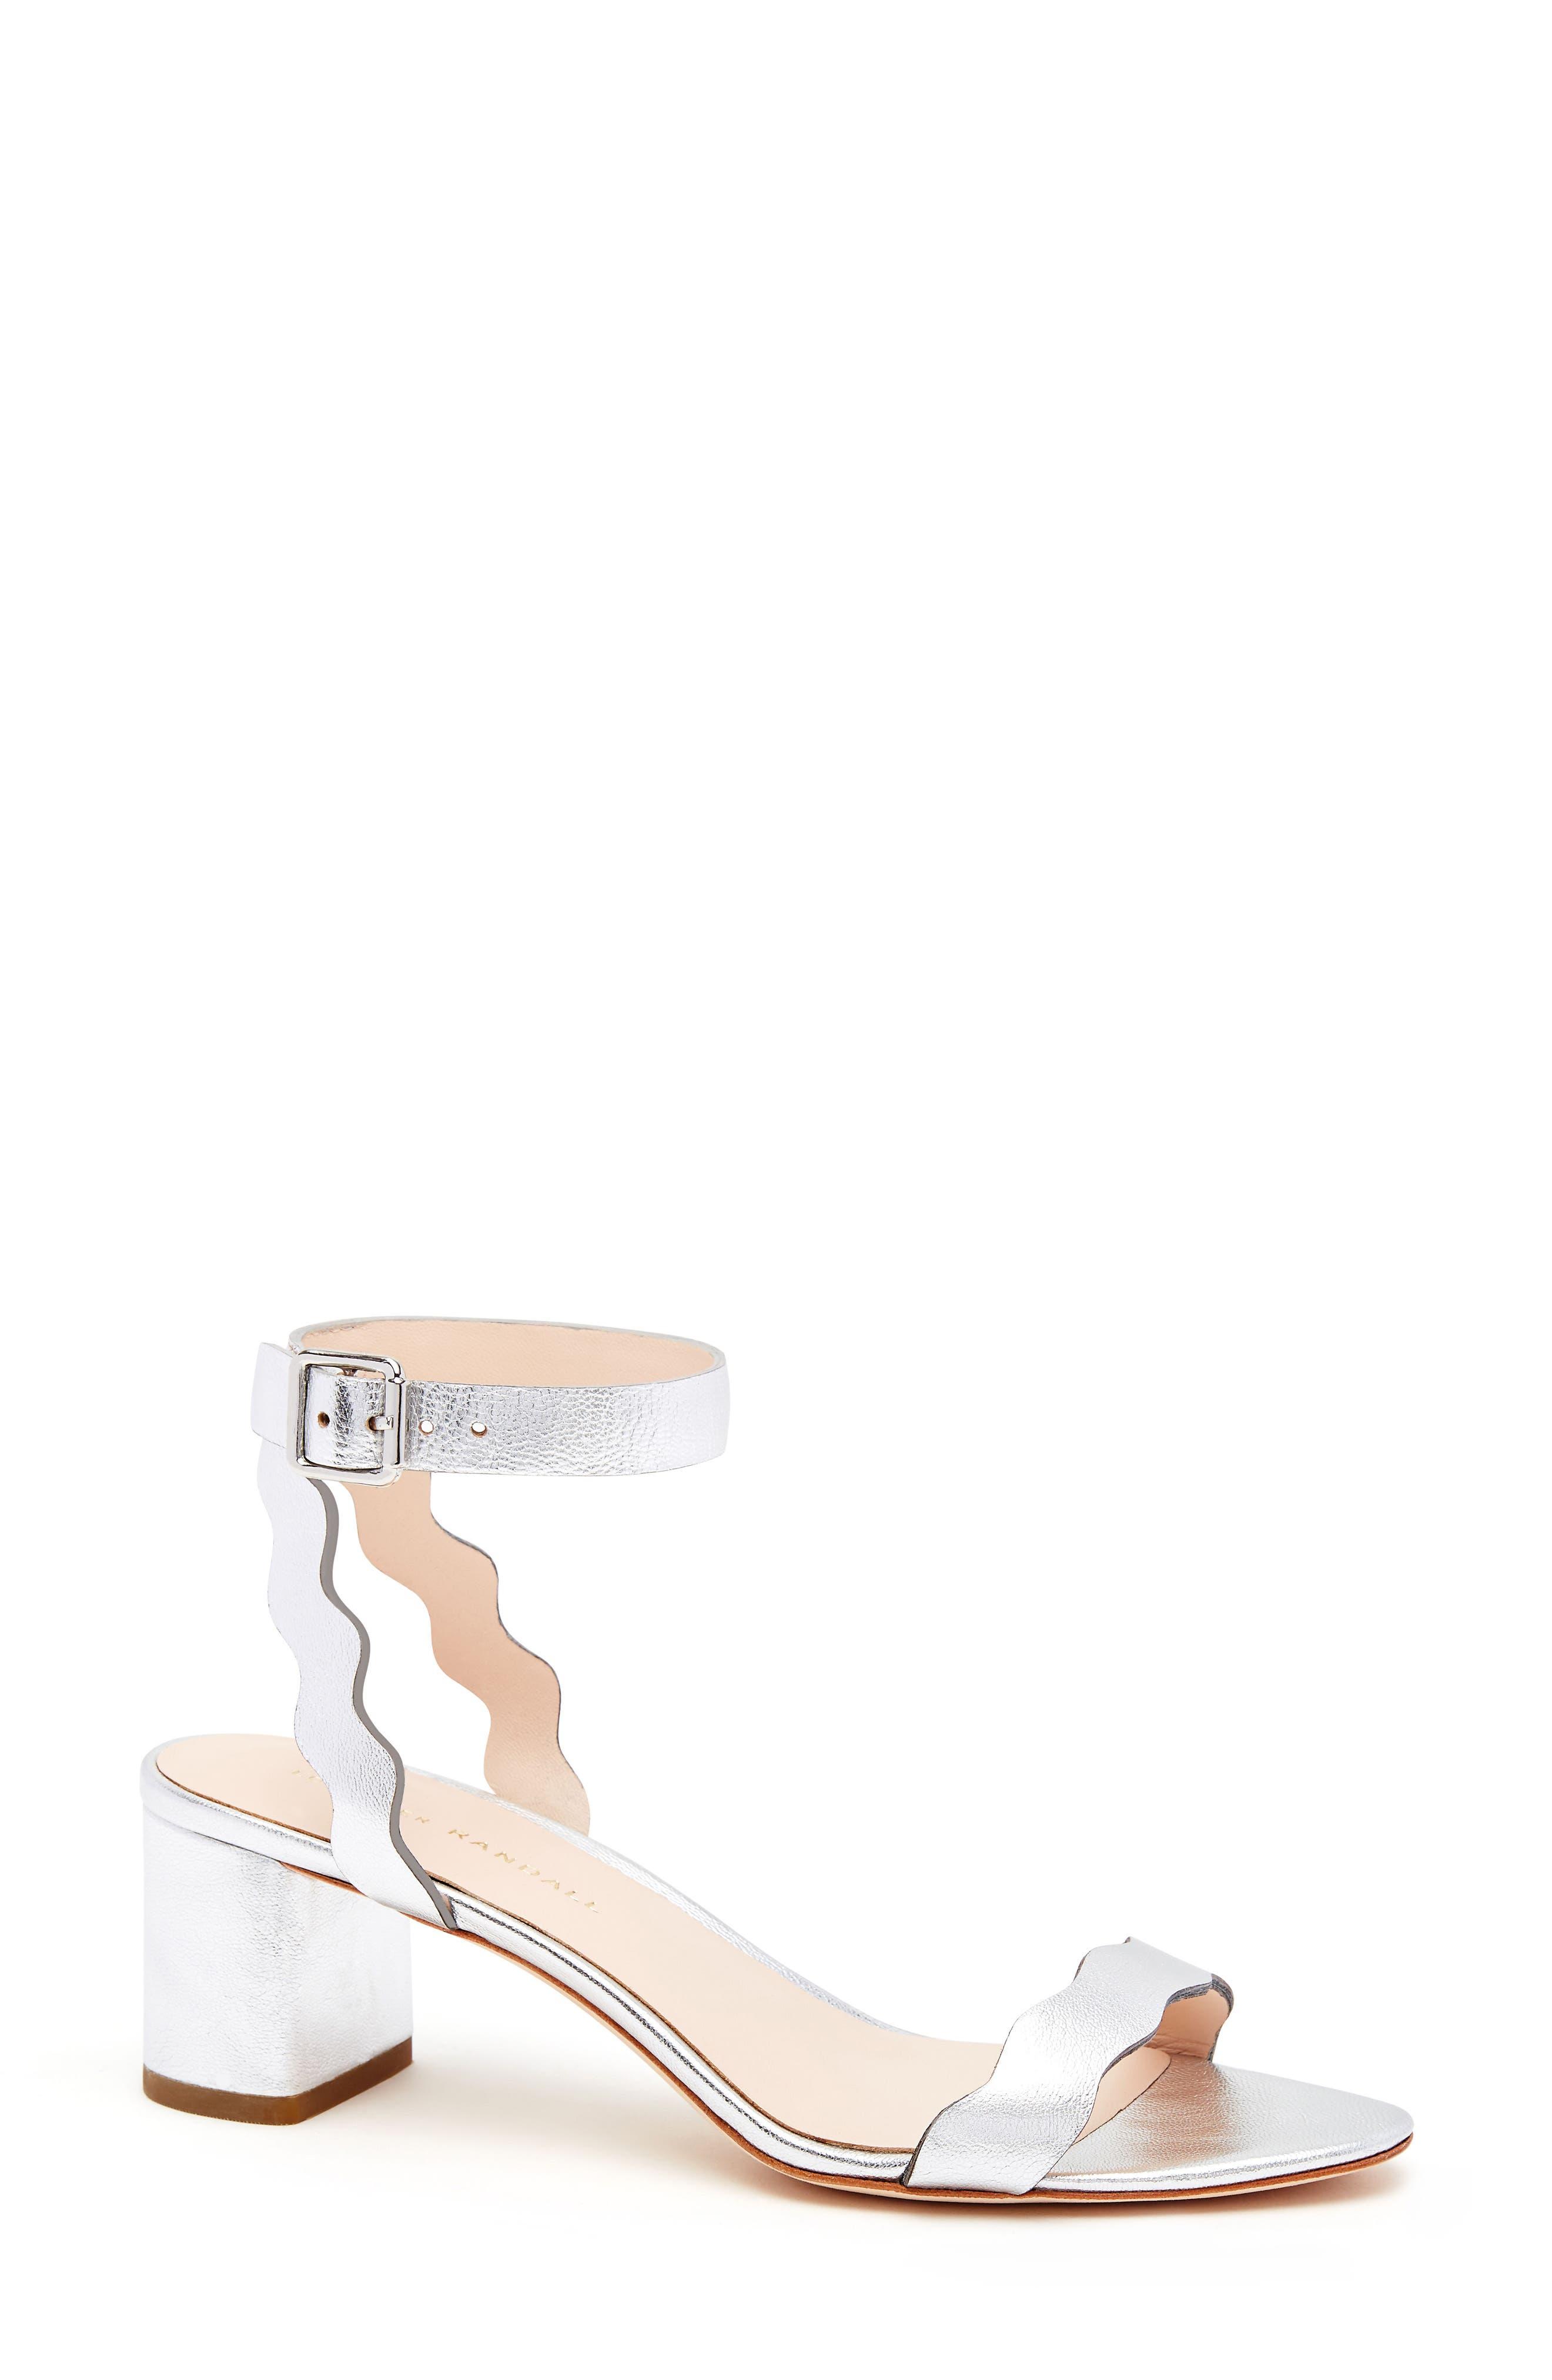 Main Image - Loeffler Randall Emi Scalloped Sandal (Women)